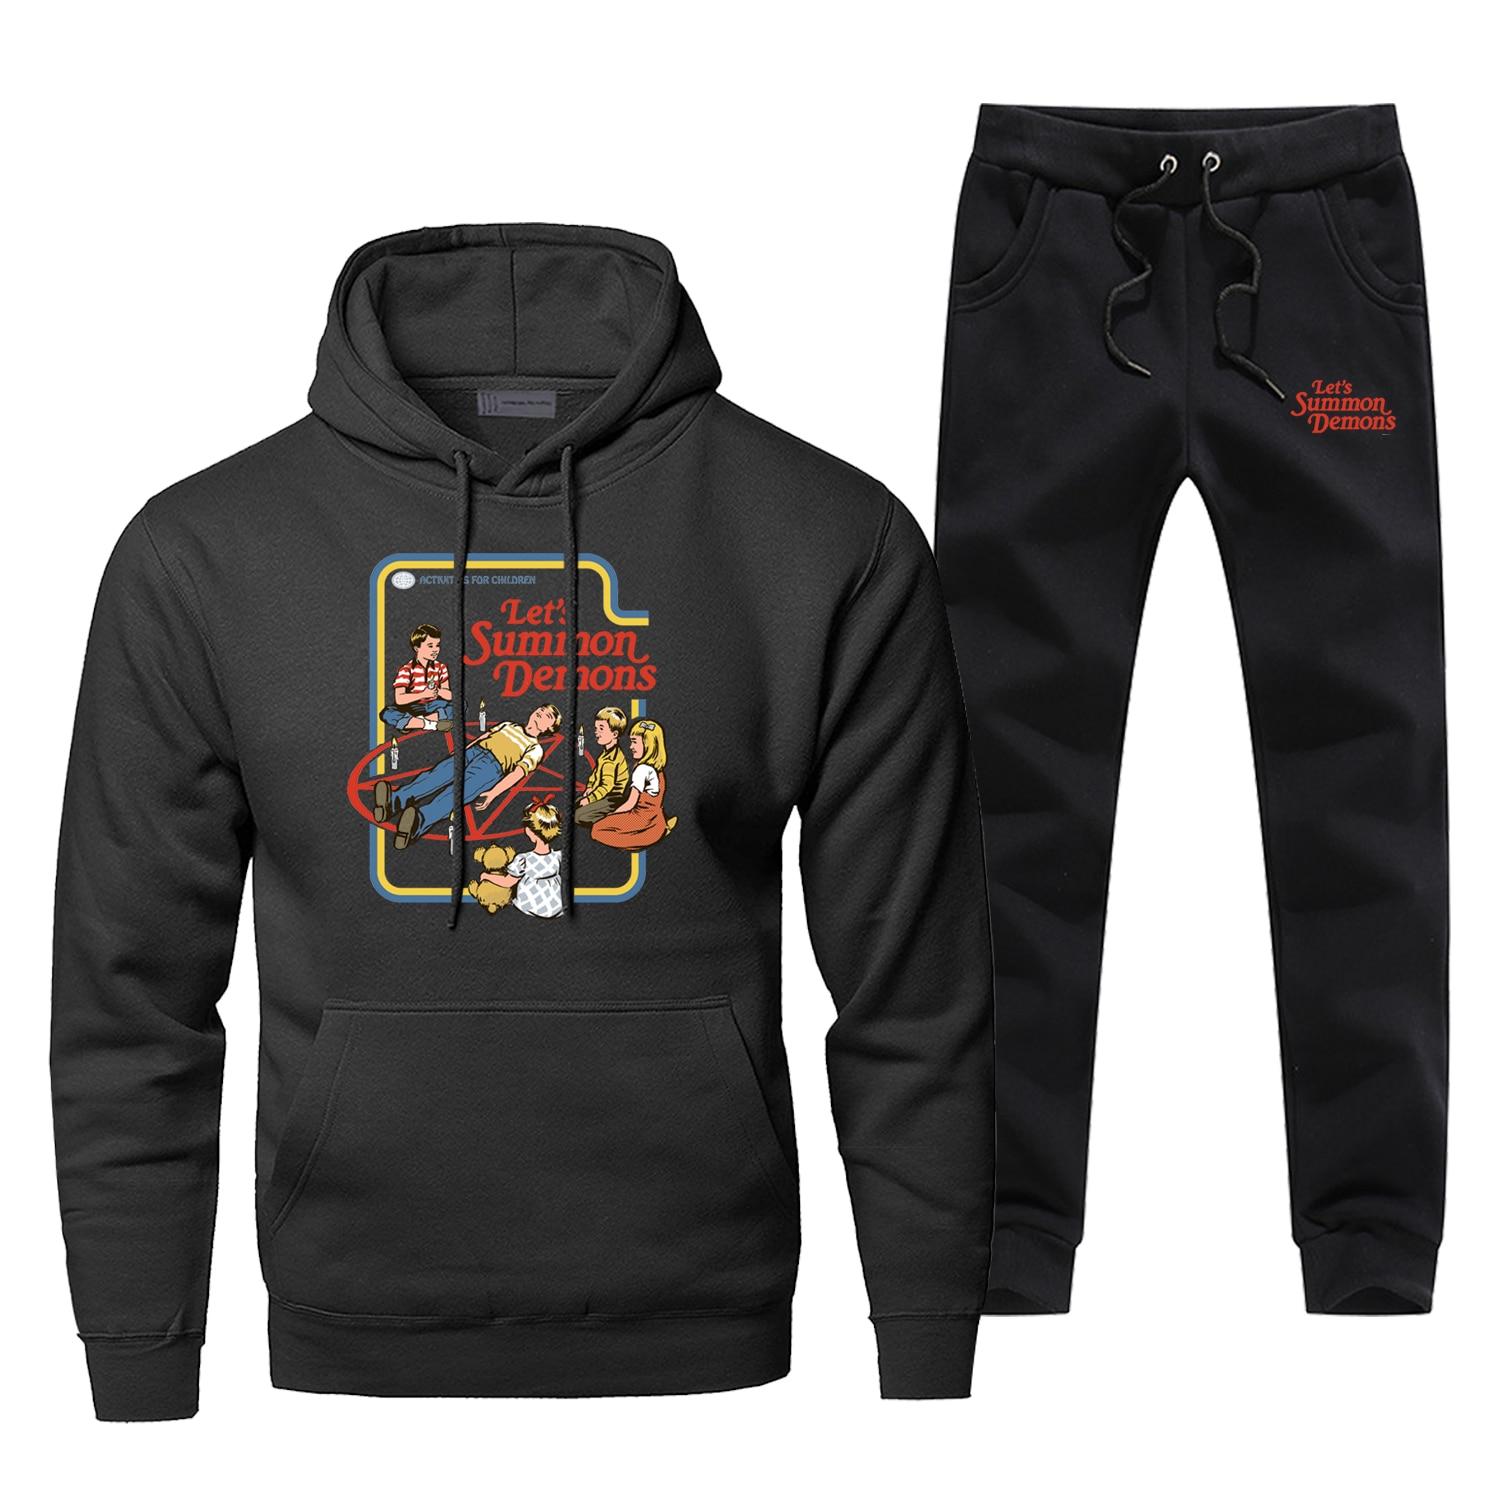 Let'S Summon Demons Funny Joke Print Hoodies Pants Sets Men Sweatshirt Fashion Vintage Sportswear Fleece Streetwear Tracksuit